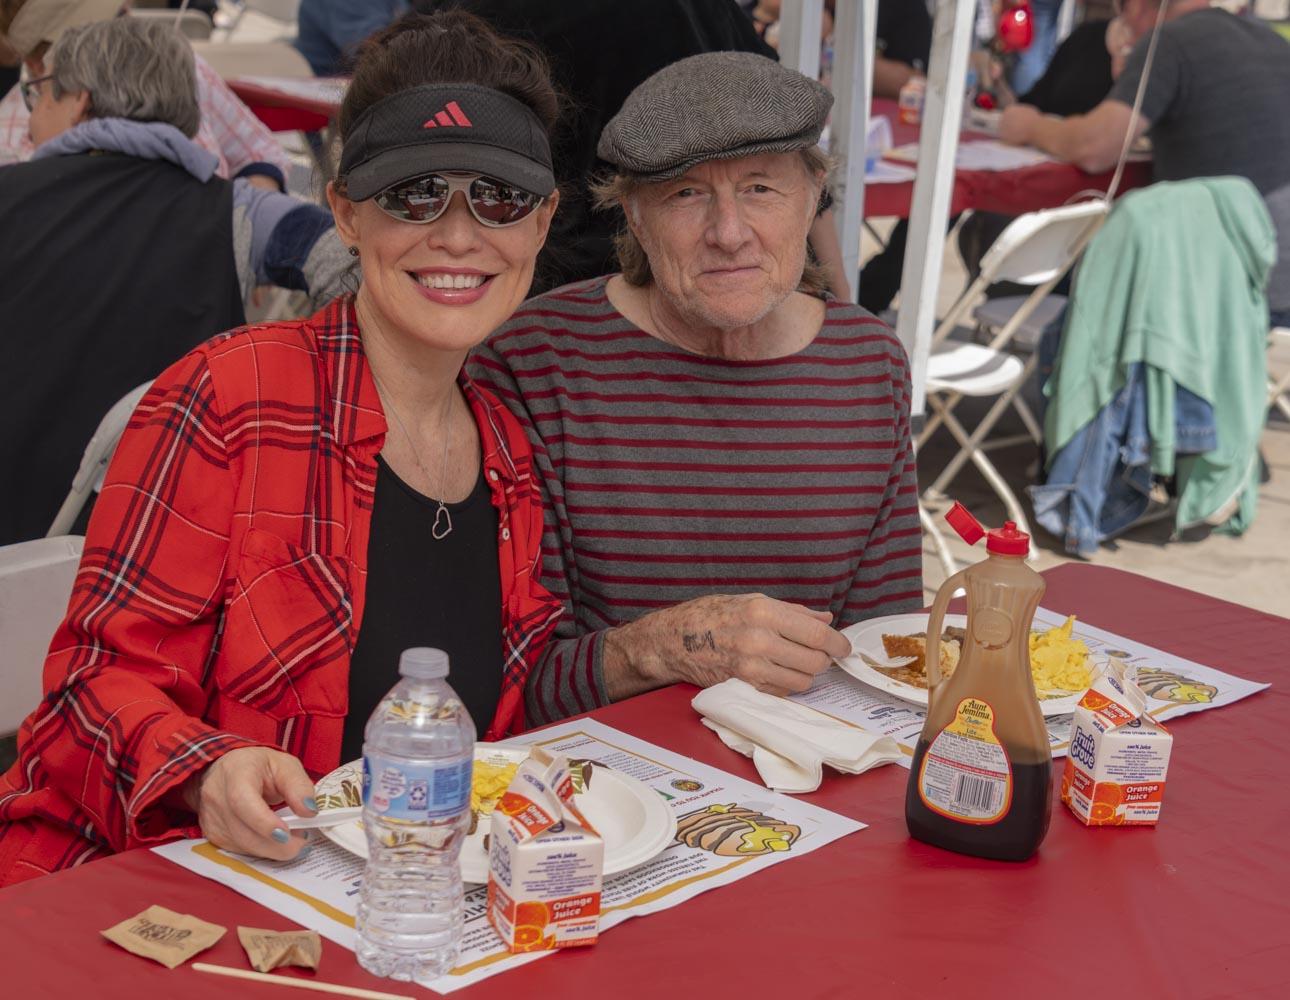 Toluca Lake Pancake Breakfast 2019-23